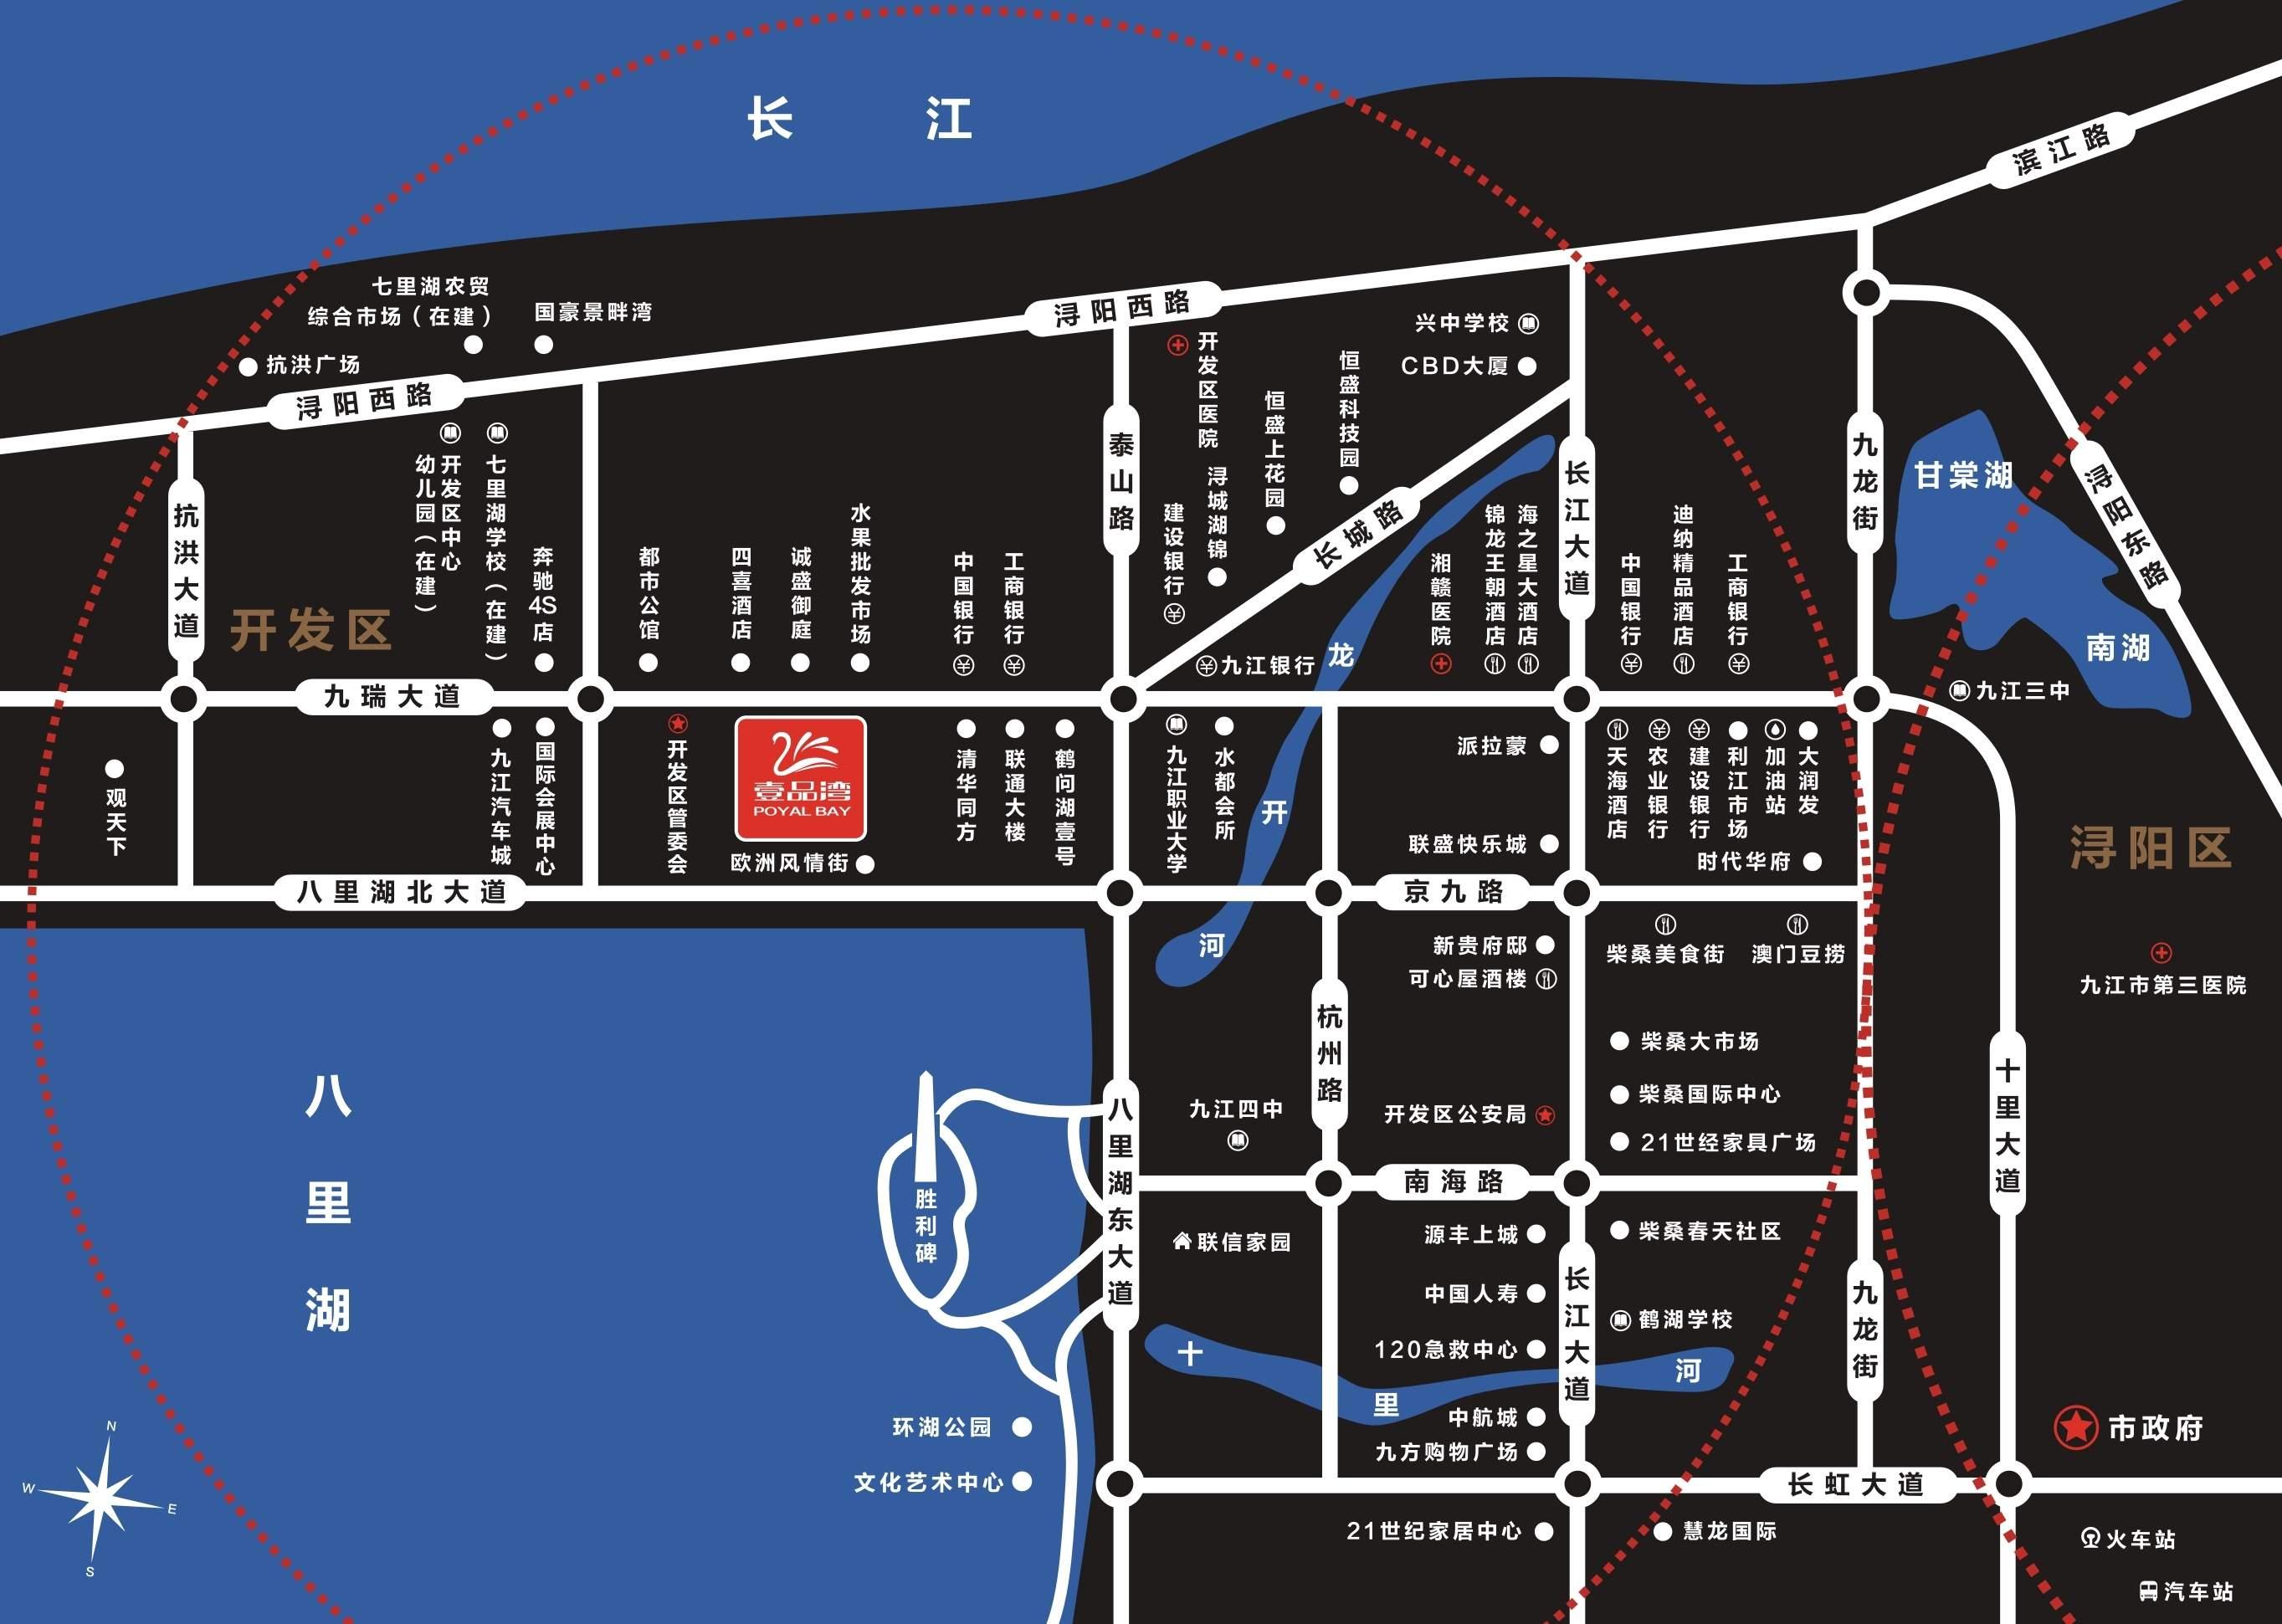 壹品湾(潜邸•源郡)位置图